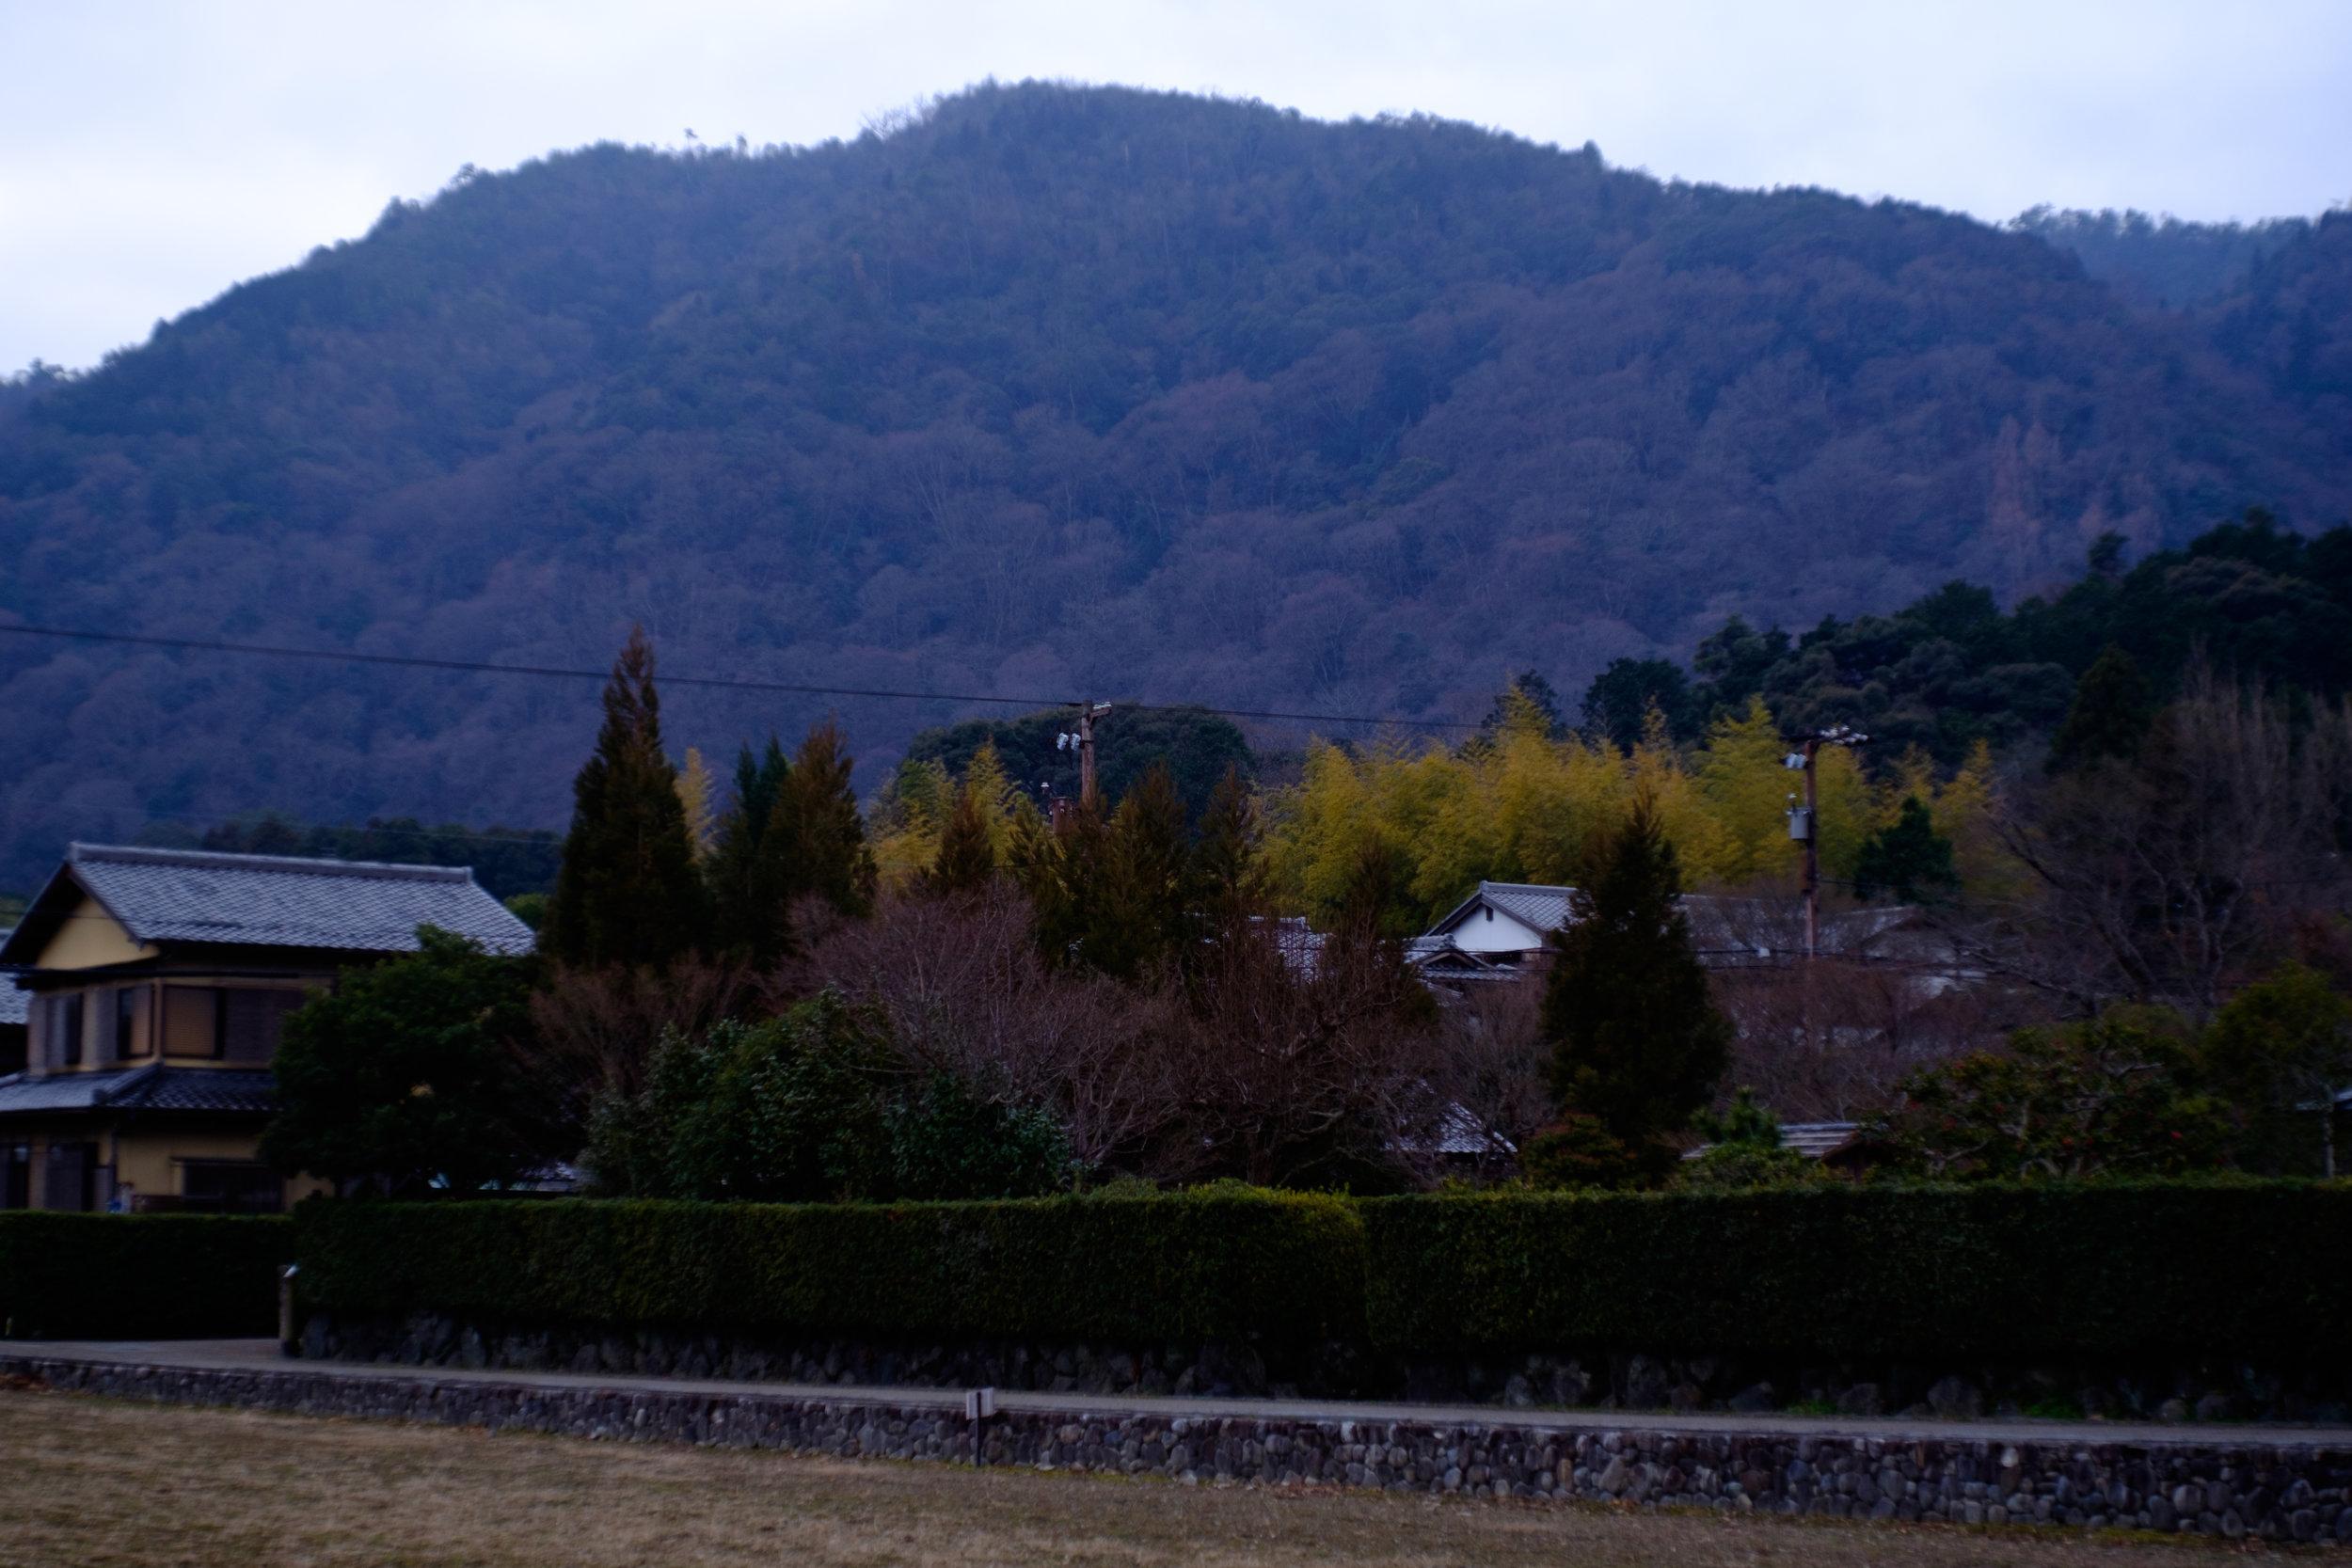 奥嵯峨、落柿舎から常寂光寺方面を望む。誰もいない静かななか歩みつつ考えるのは音楽のことばかりなり、なのでございました。